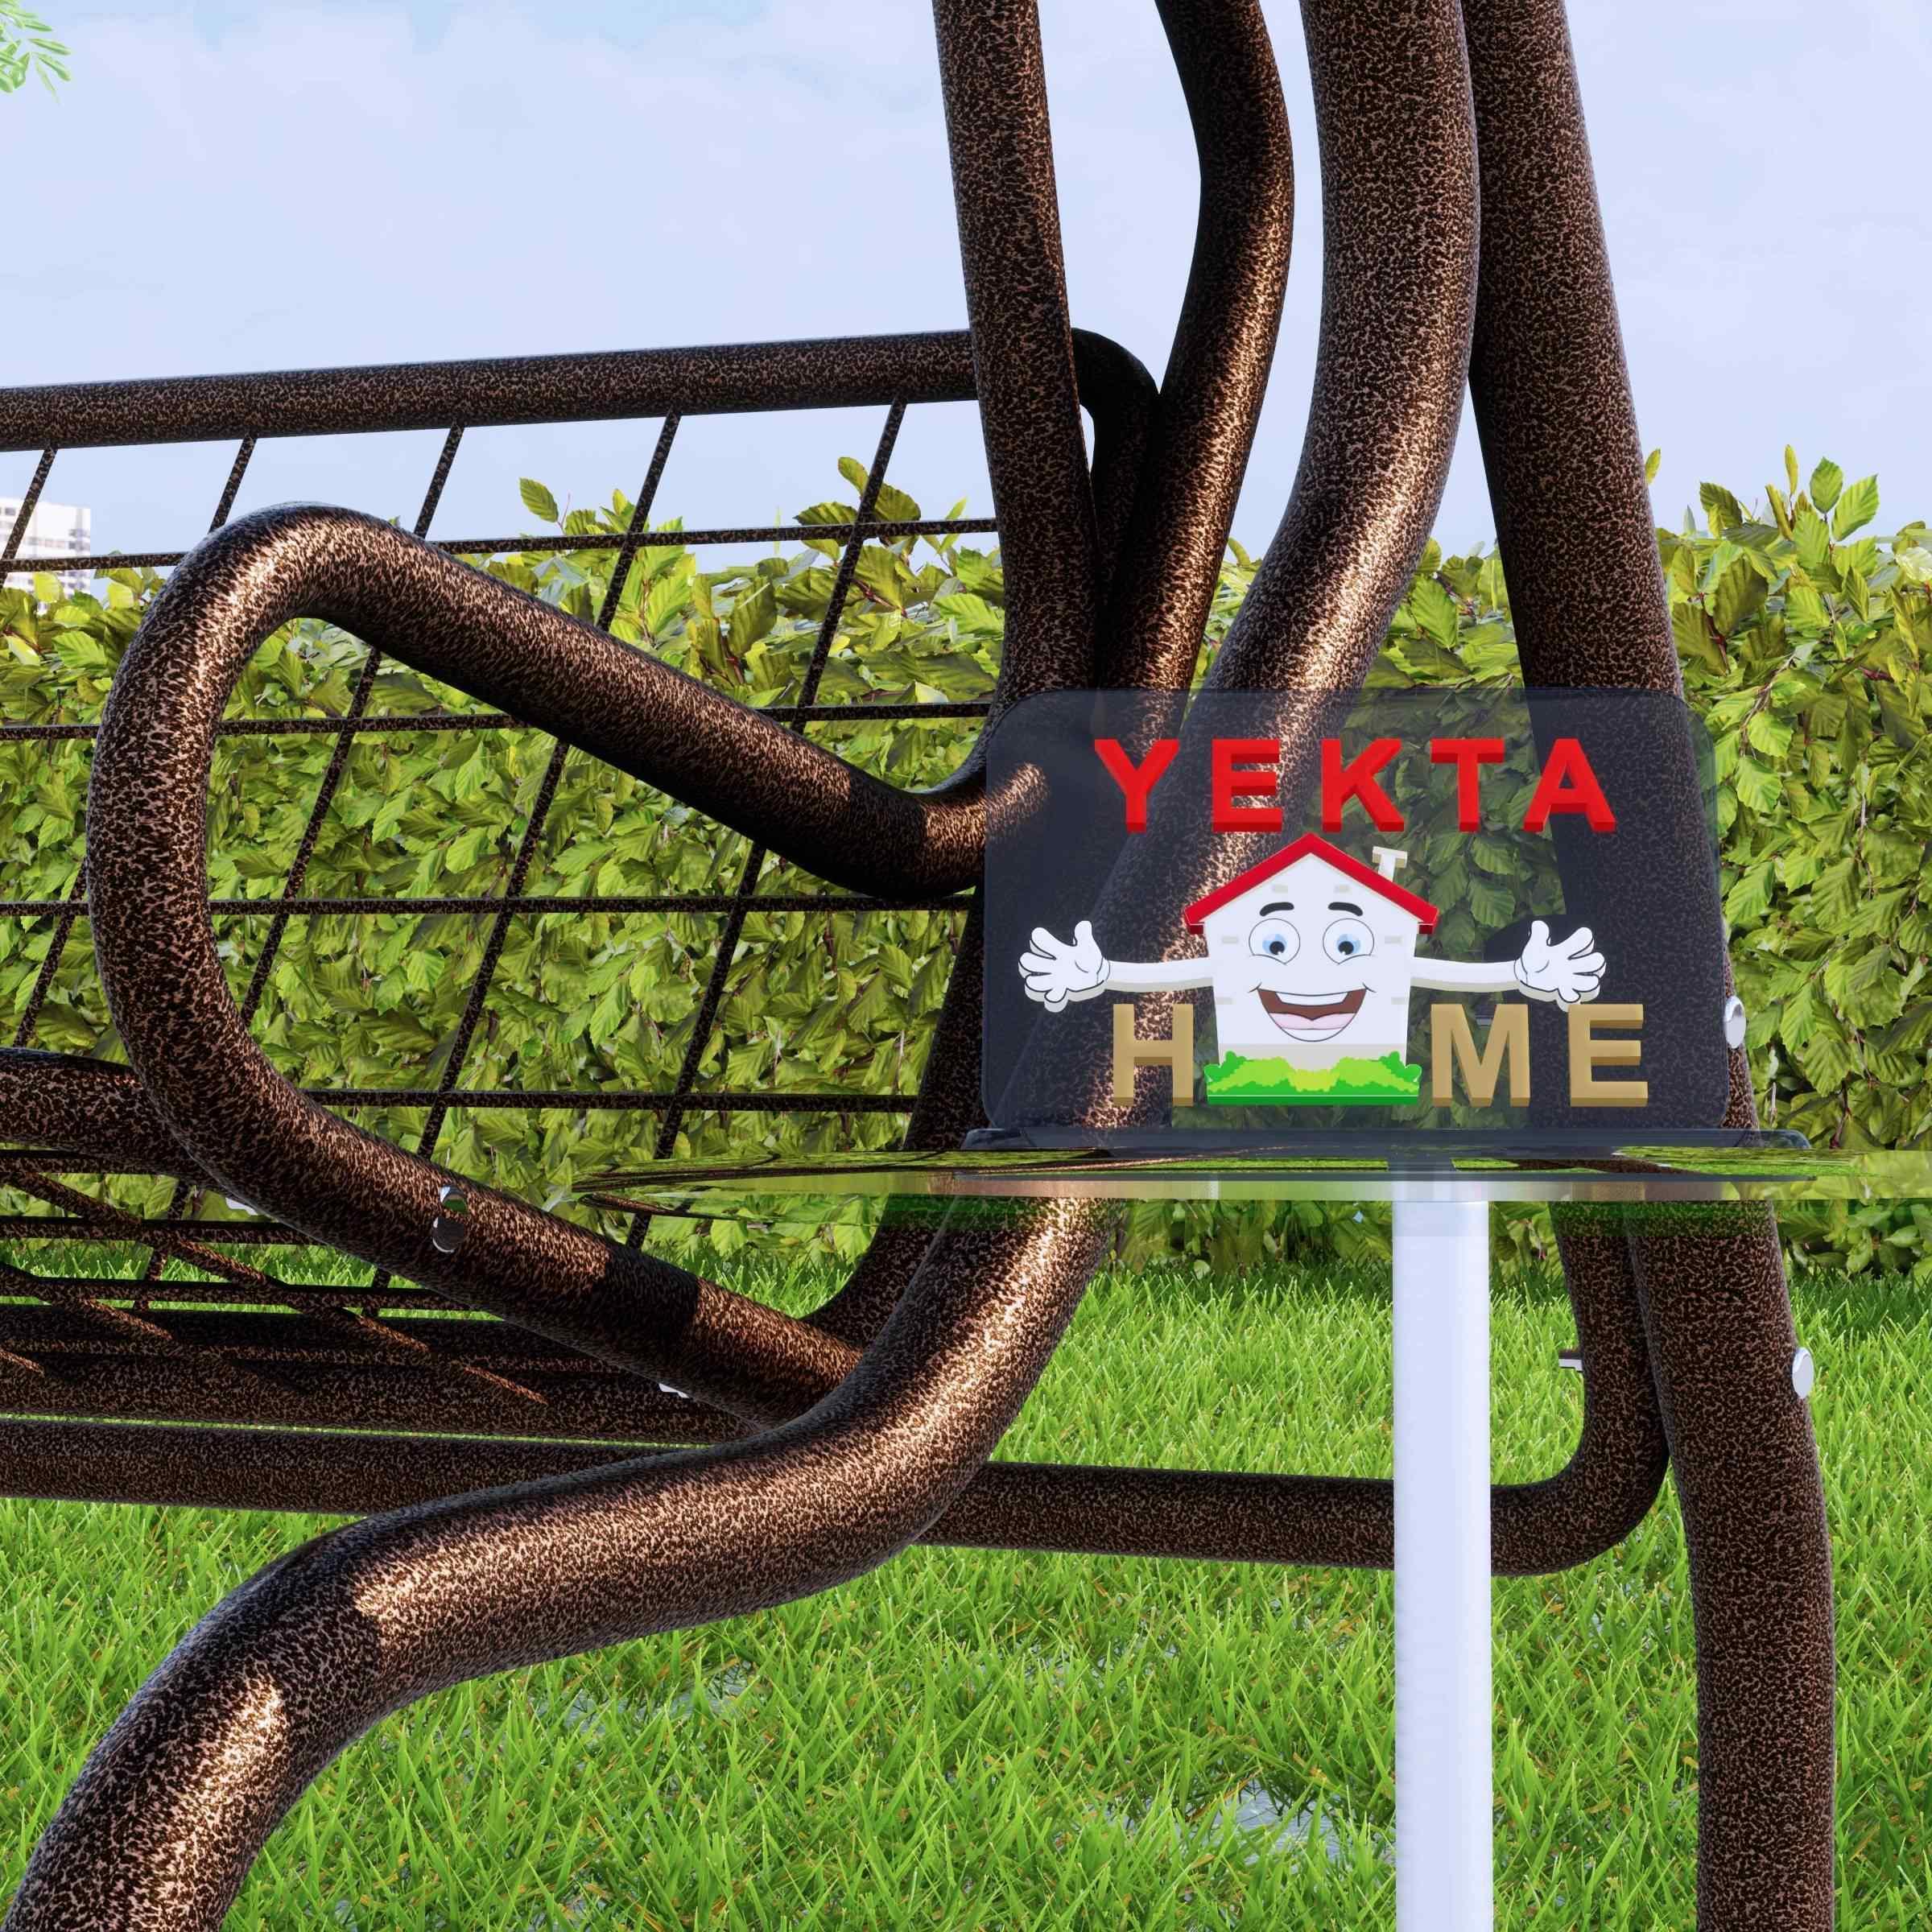 Yekta Kahve 3 Kişilik Bahçe Salıncağı Balkon Salıncak 200 cm